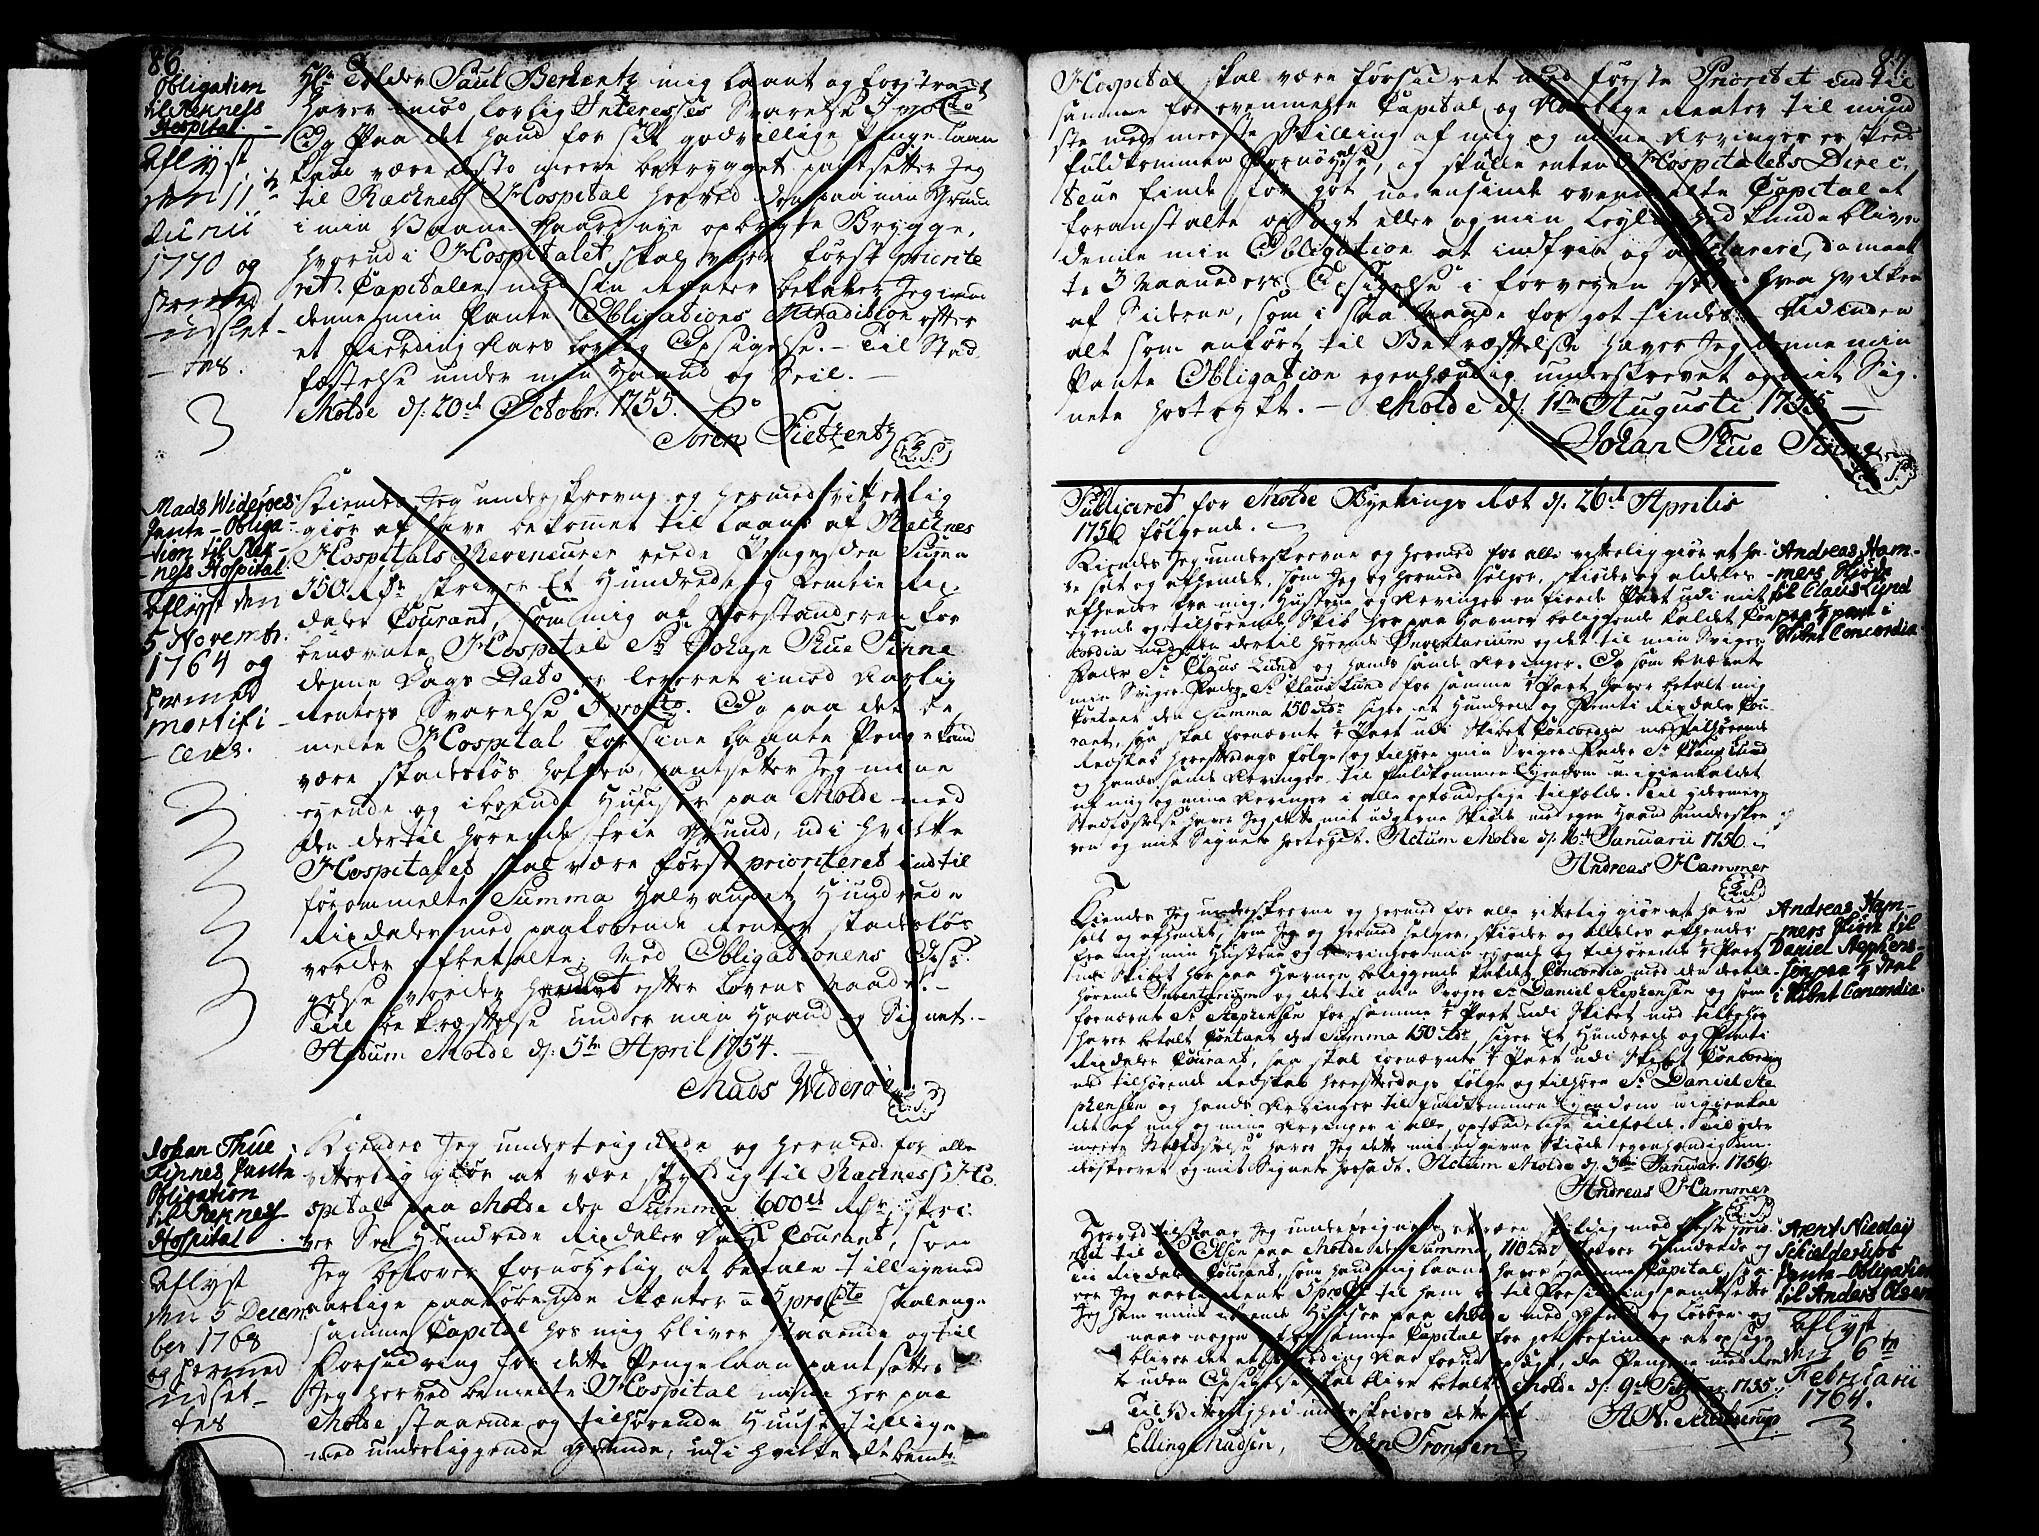 SAT, Molde byfogd, 2/2C/L0001: Pantebok nr. 1, 1748-1823, s. 86-87